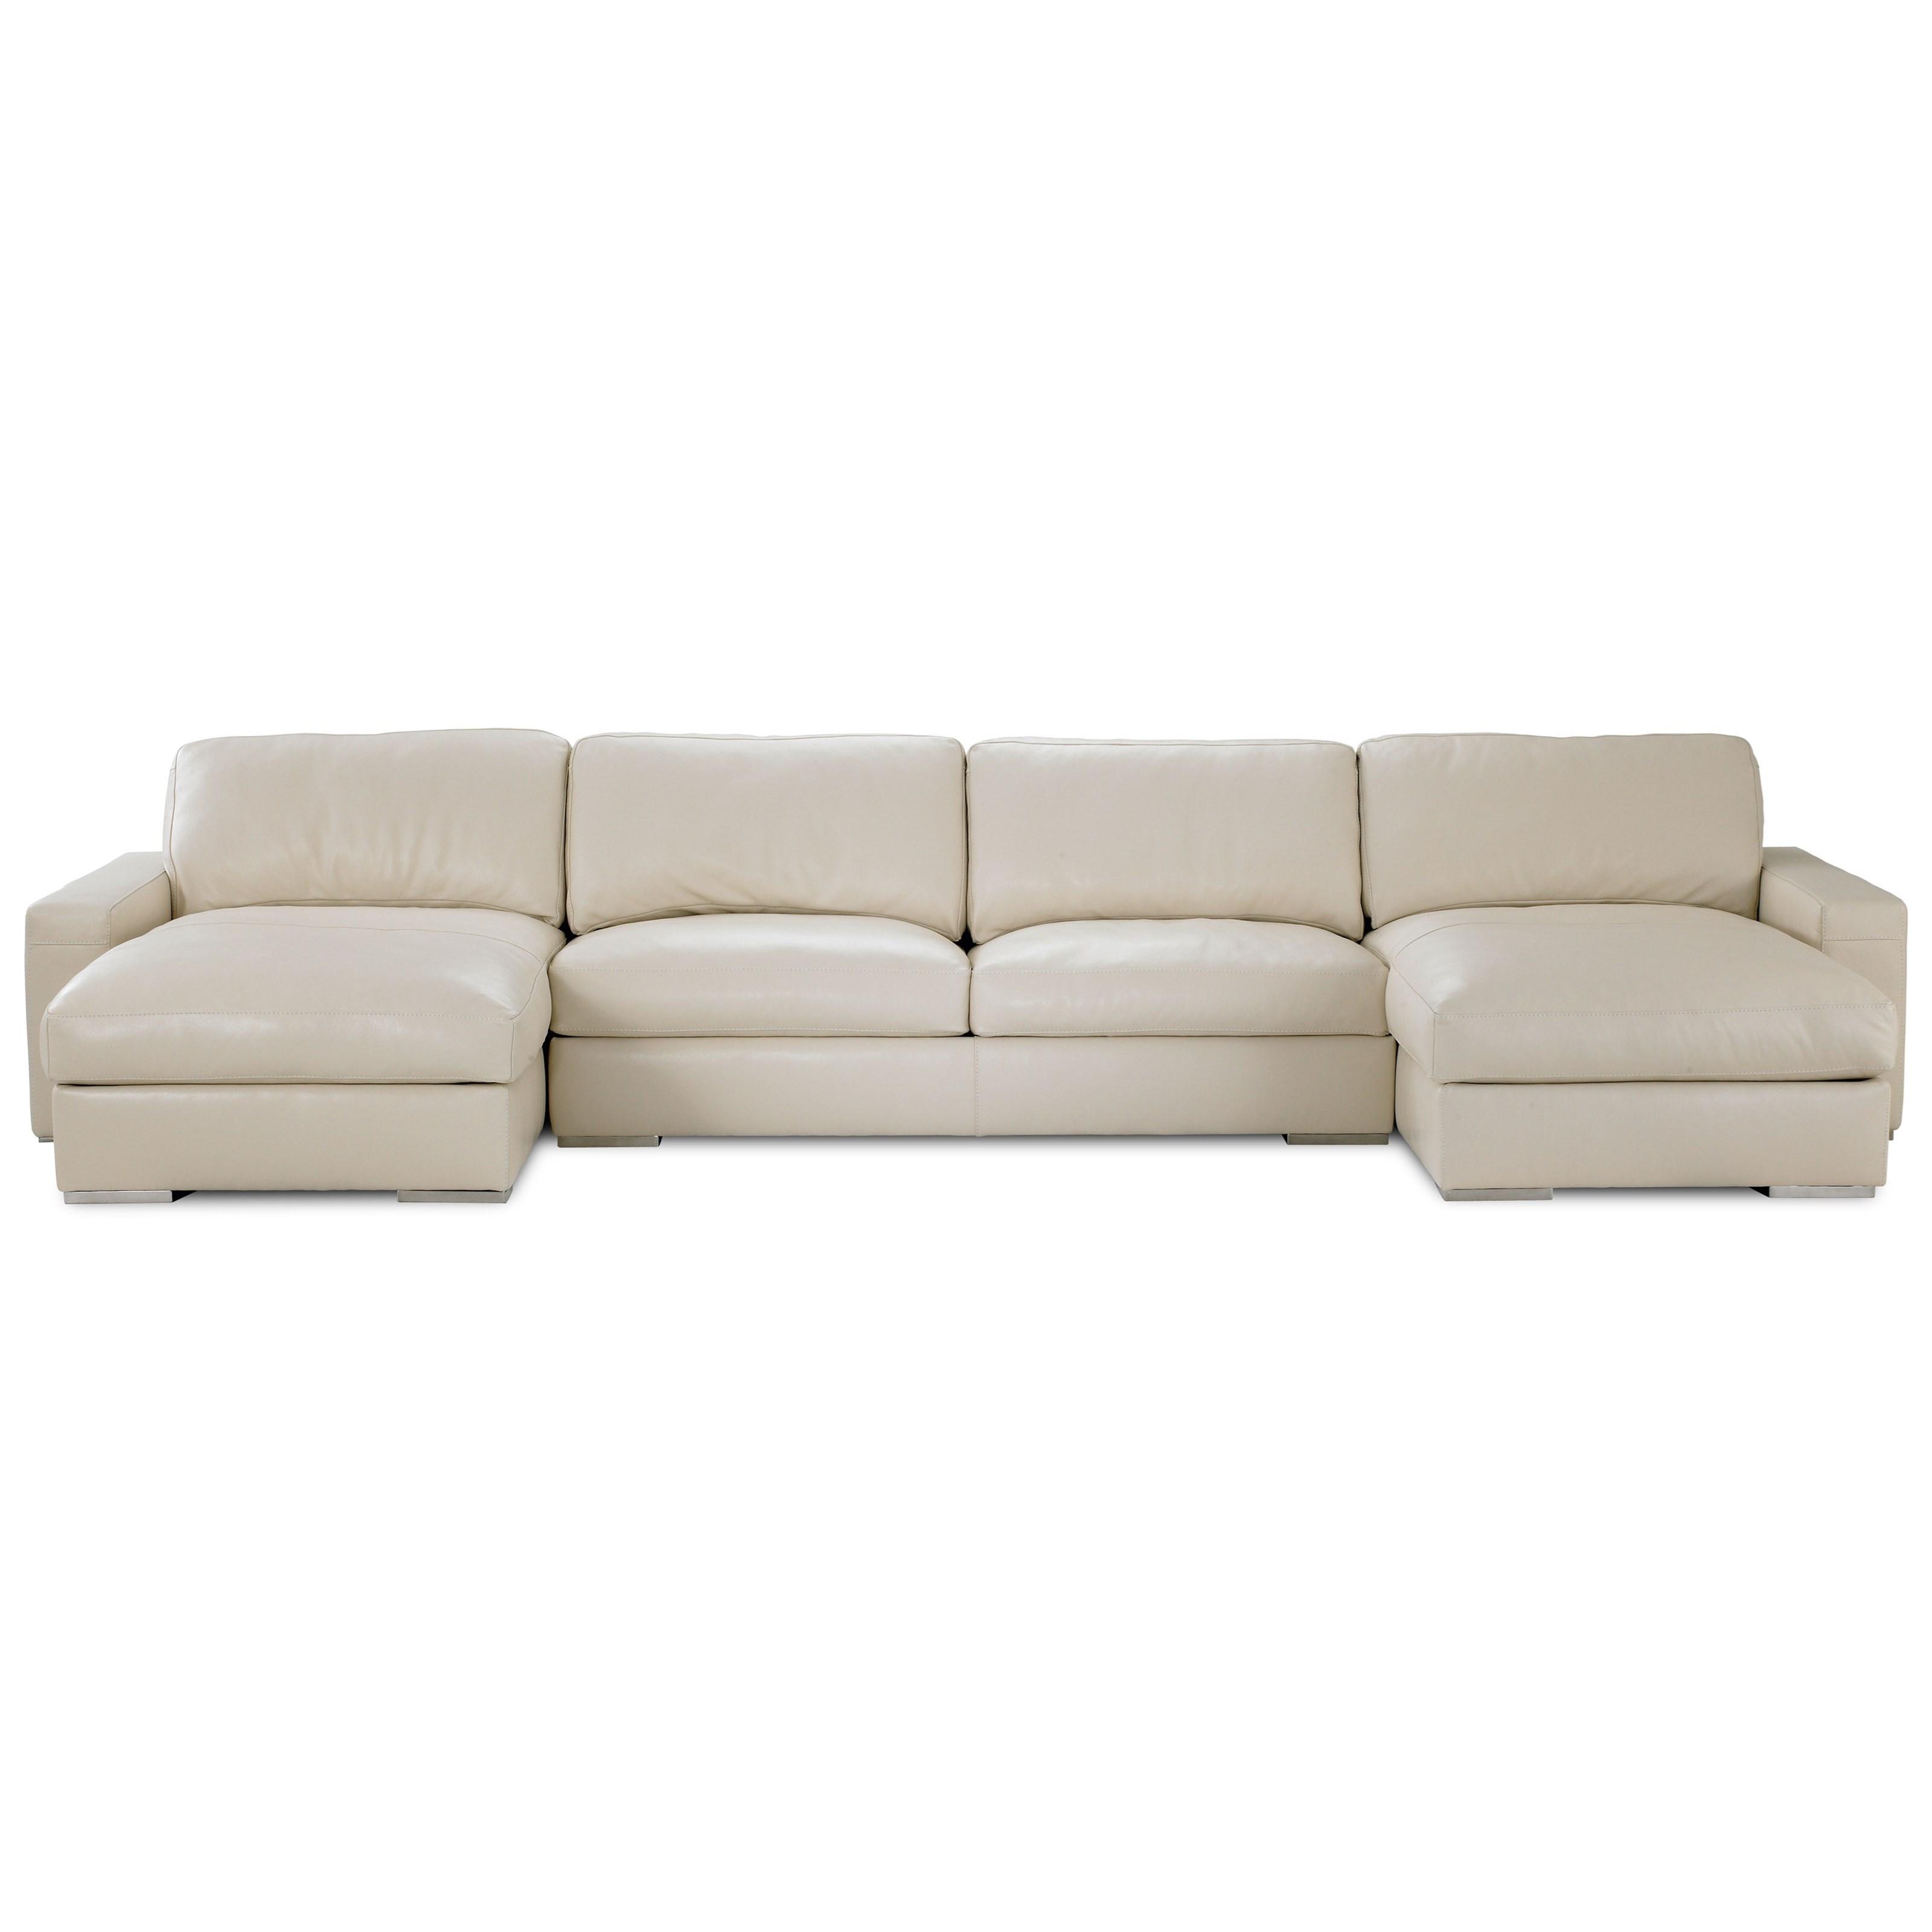 sprintz furniture sectional sofas